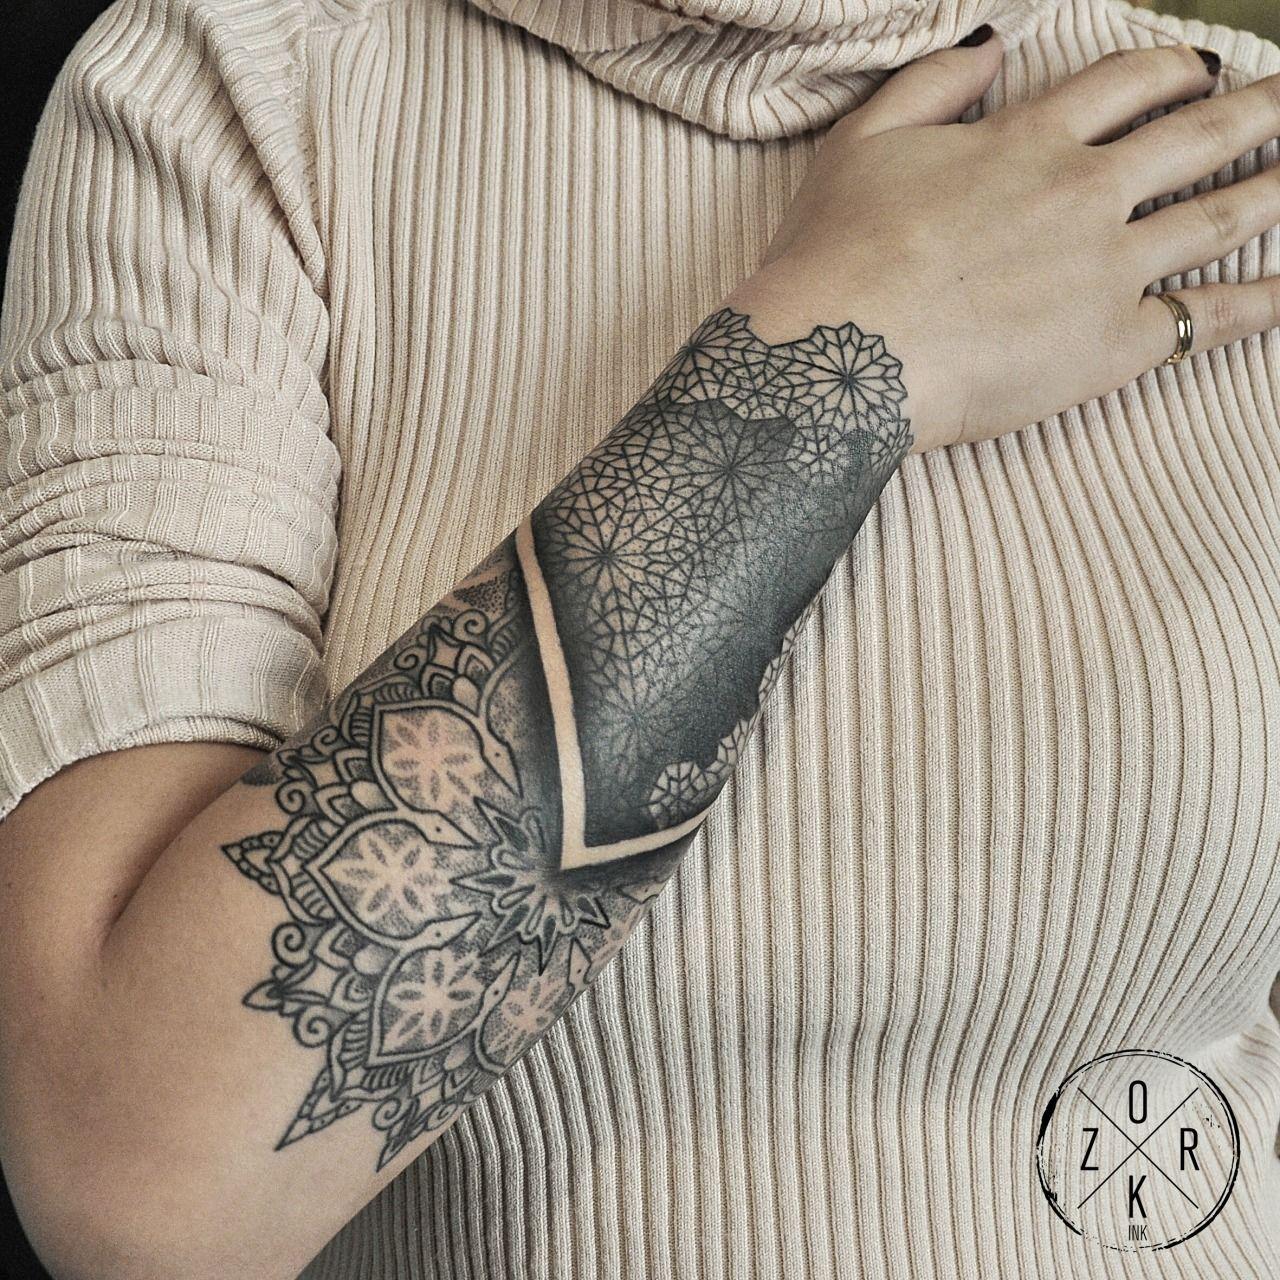 denizhan ozkr tatouage avant bras graphique. Black Bedroom Furniture Sets. Home Design Ideas